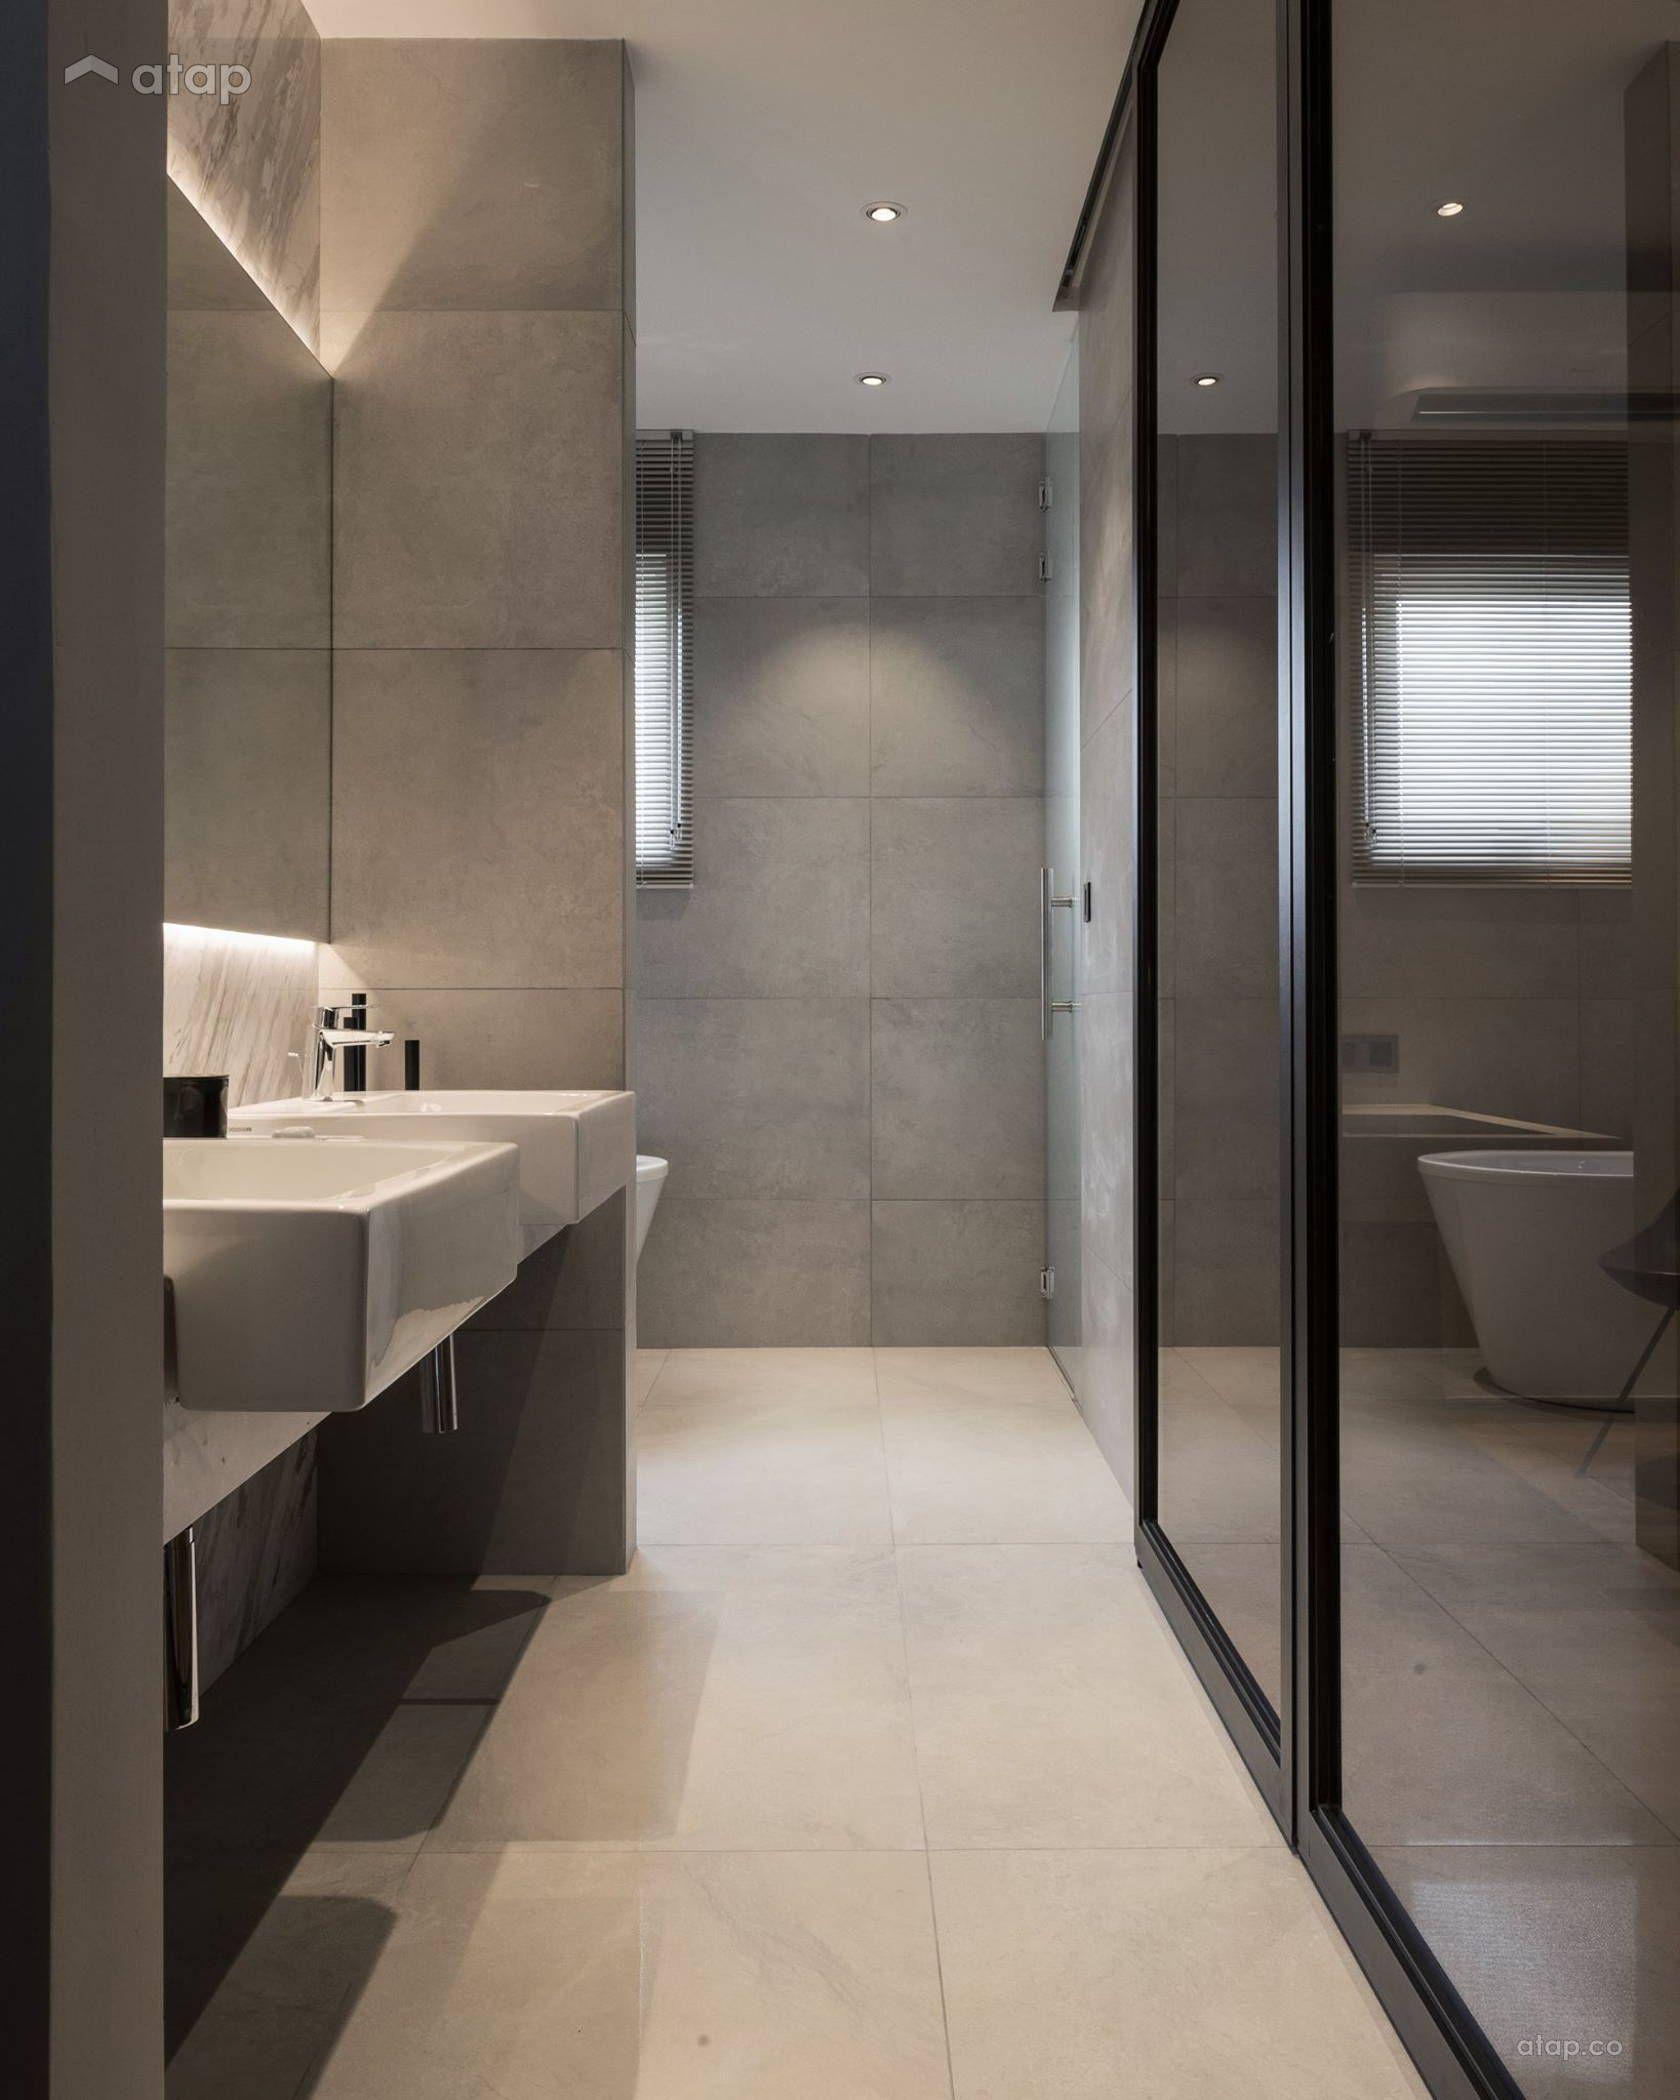 Home Design Ideas Malaysia: Contemporary Modern Bathroom Terrace Design Ideas & Photos